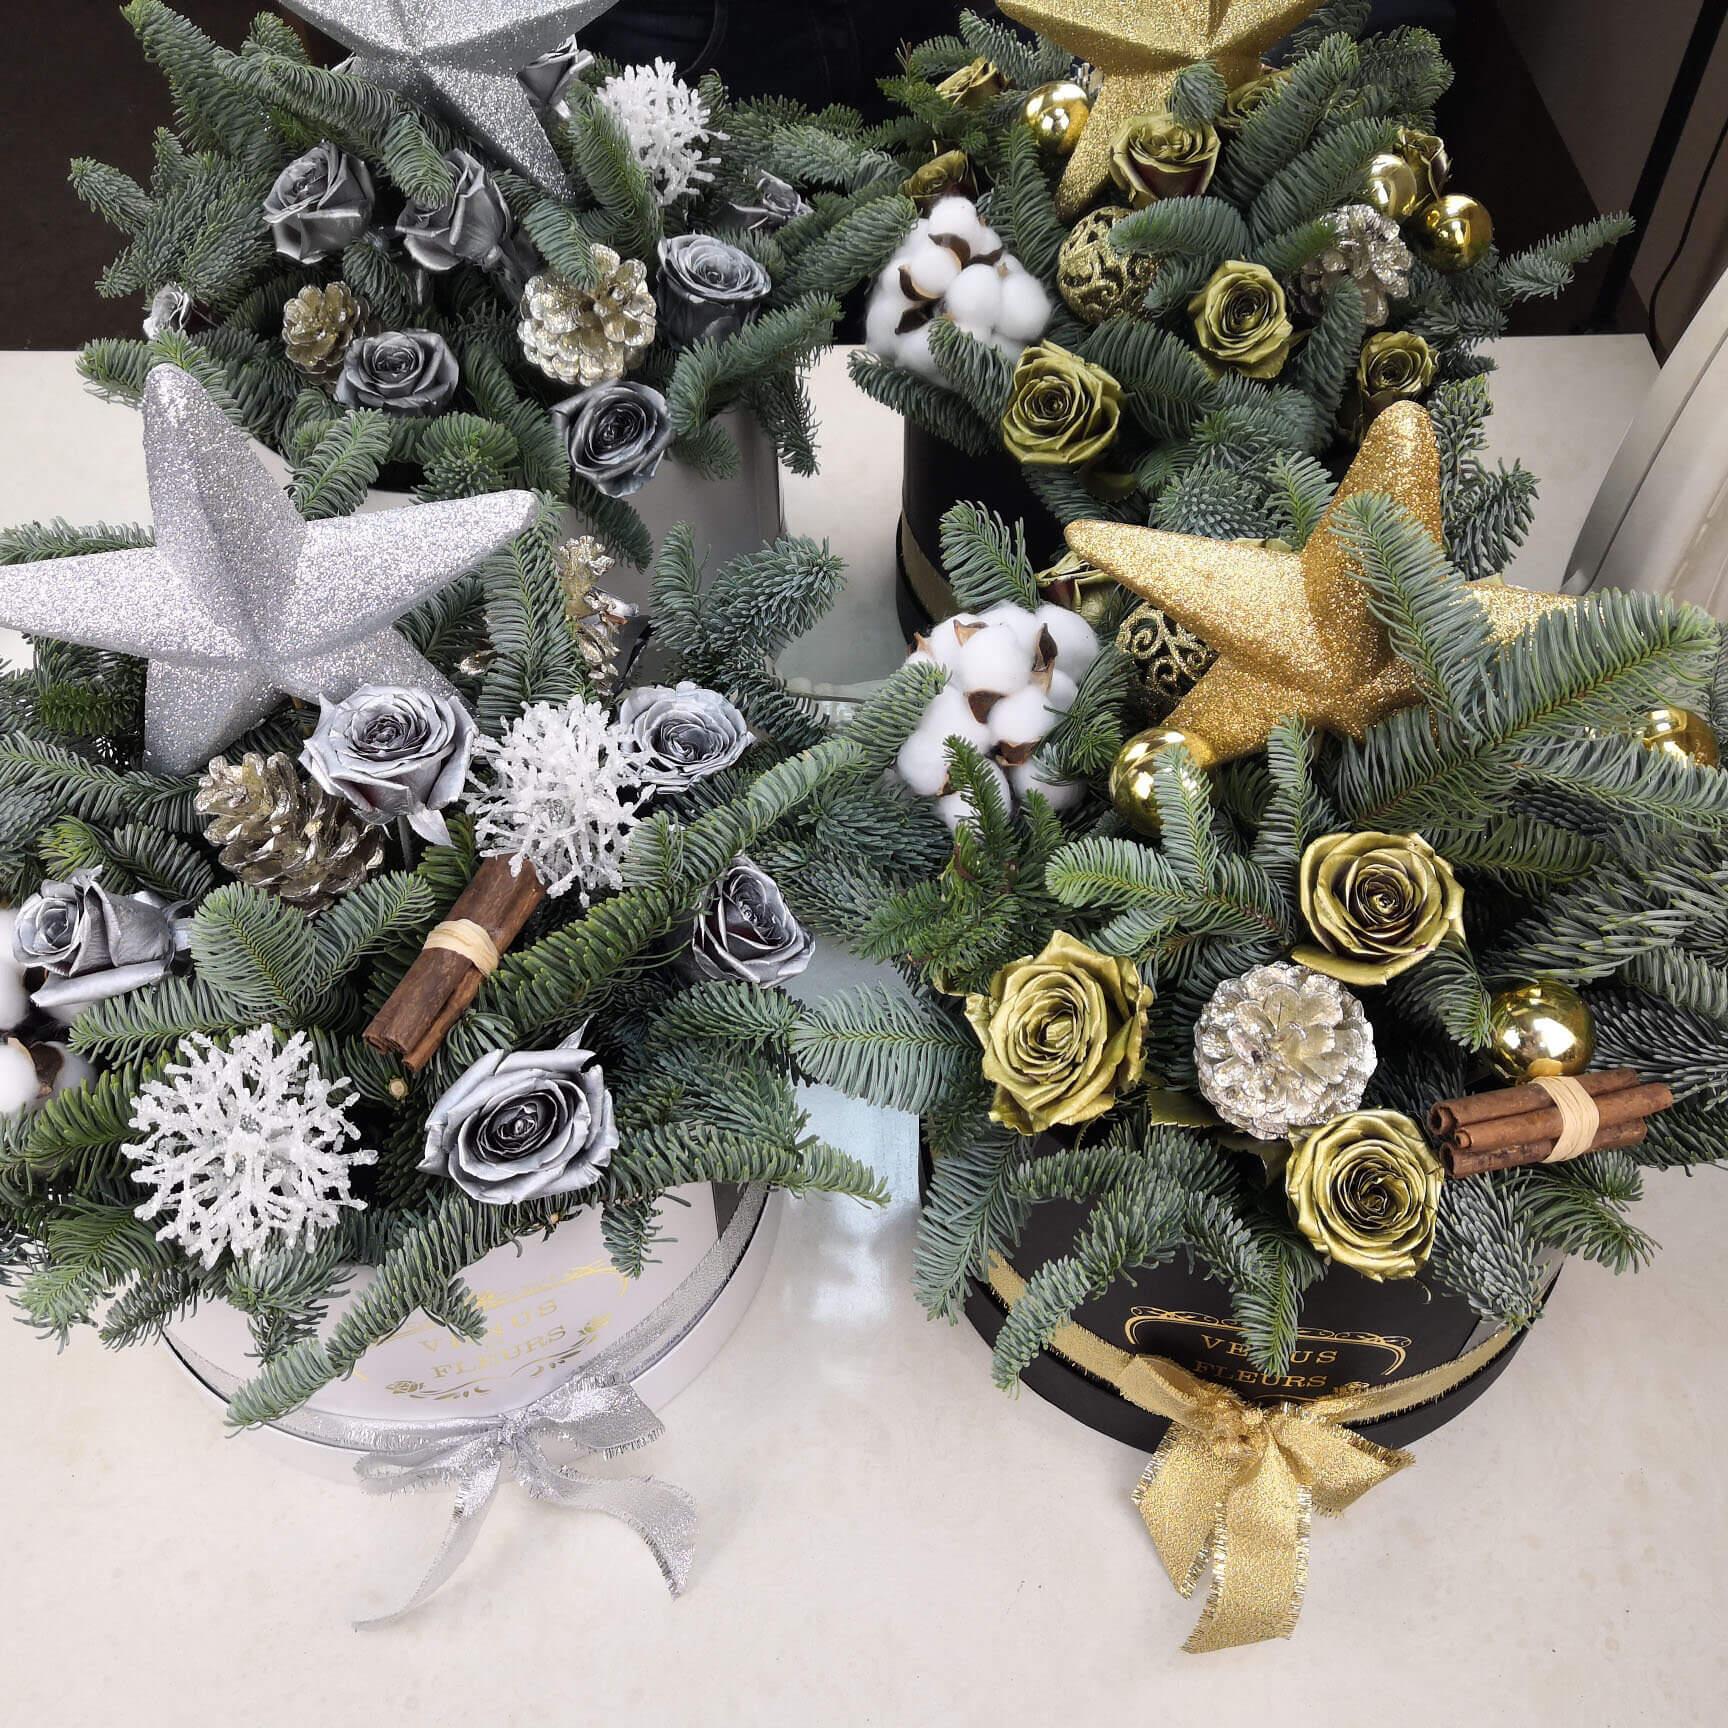 Шикарный новогодний букет Новый год Золотые Venus in Fleurs